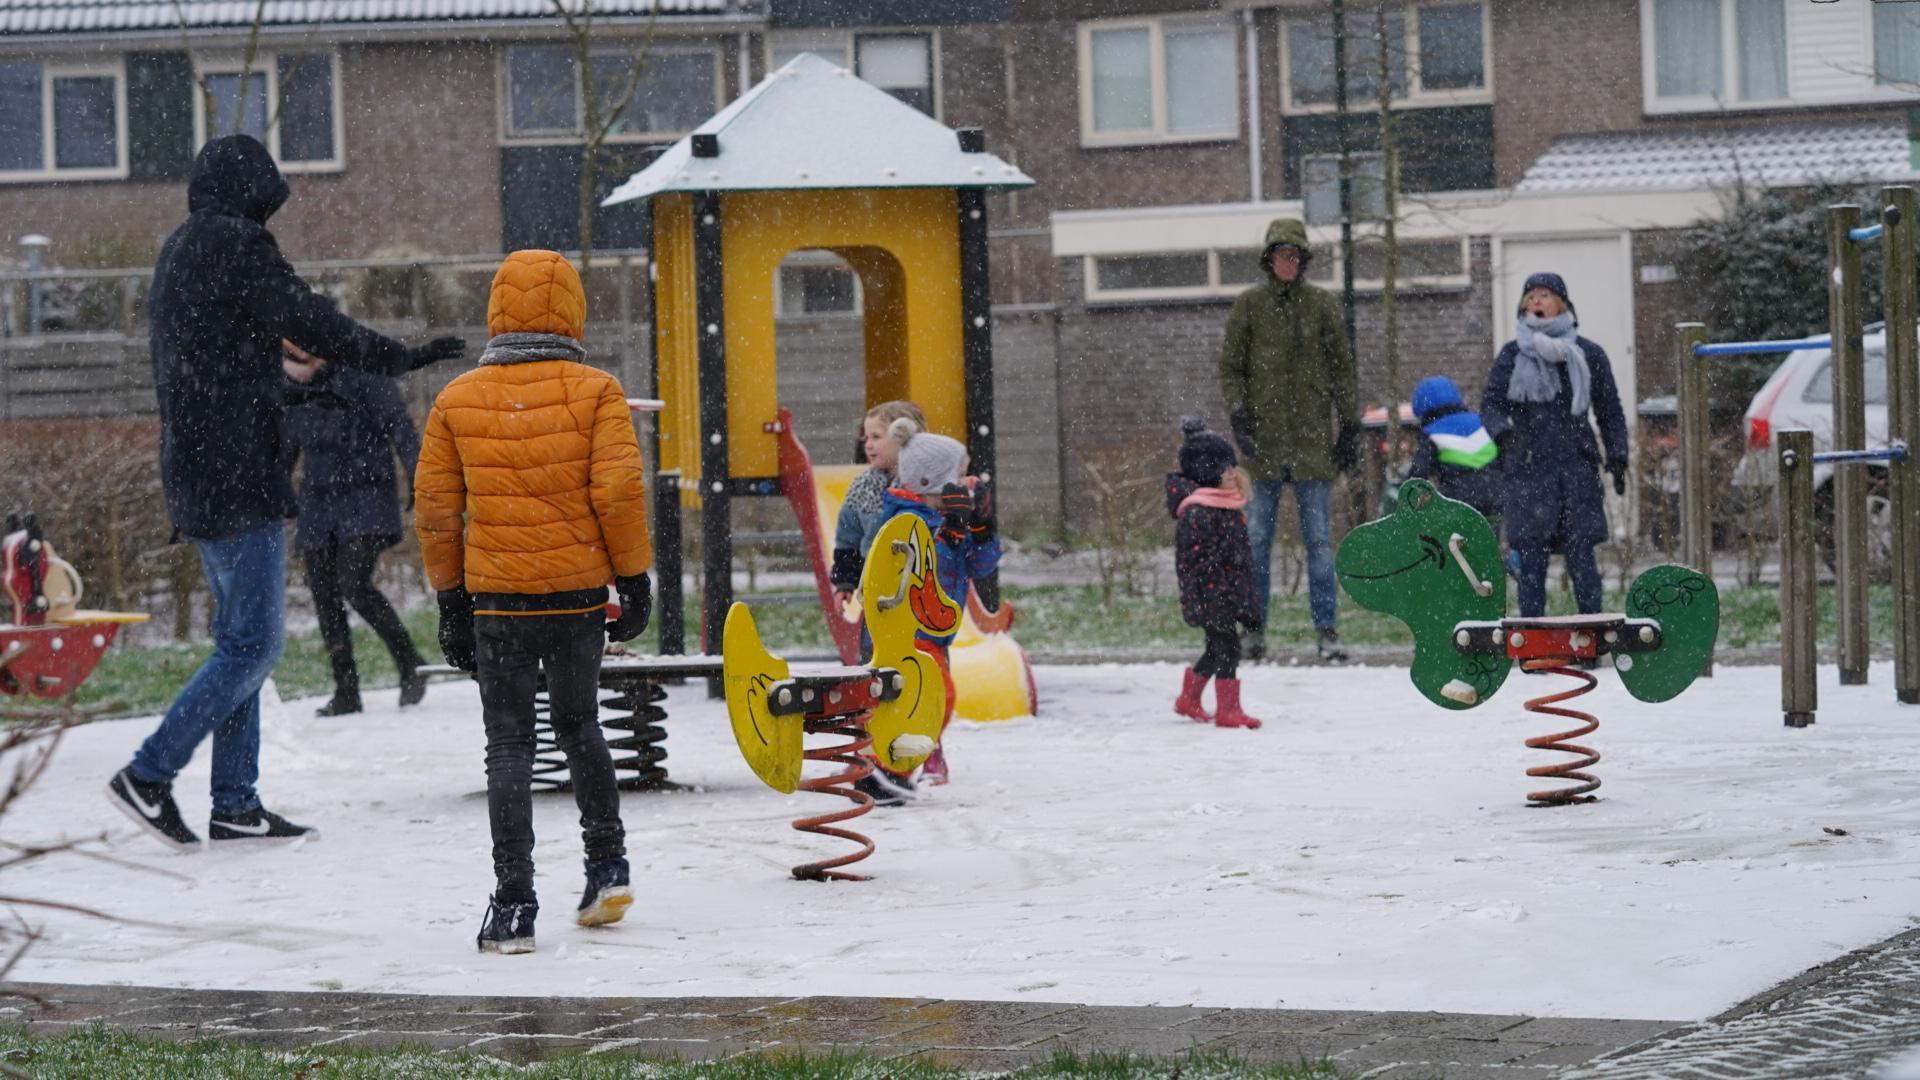 Sneeuw kleurt regio Alkmaar wit. Mooie foto's van winterse taferelen? Stuur ze naar de Alkmaarsche Courant